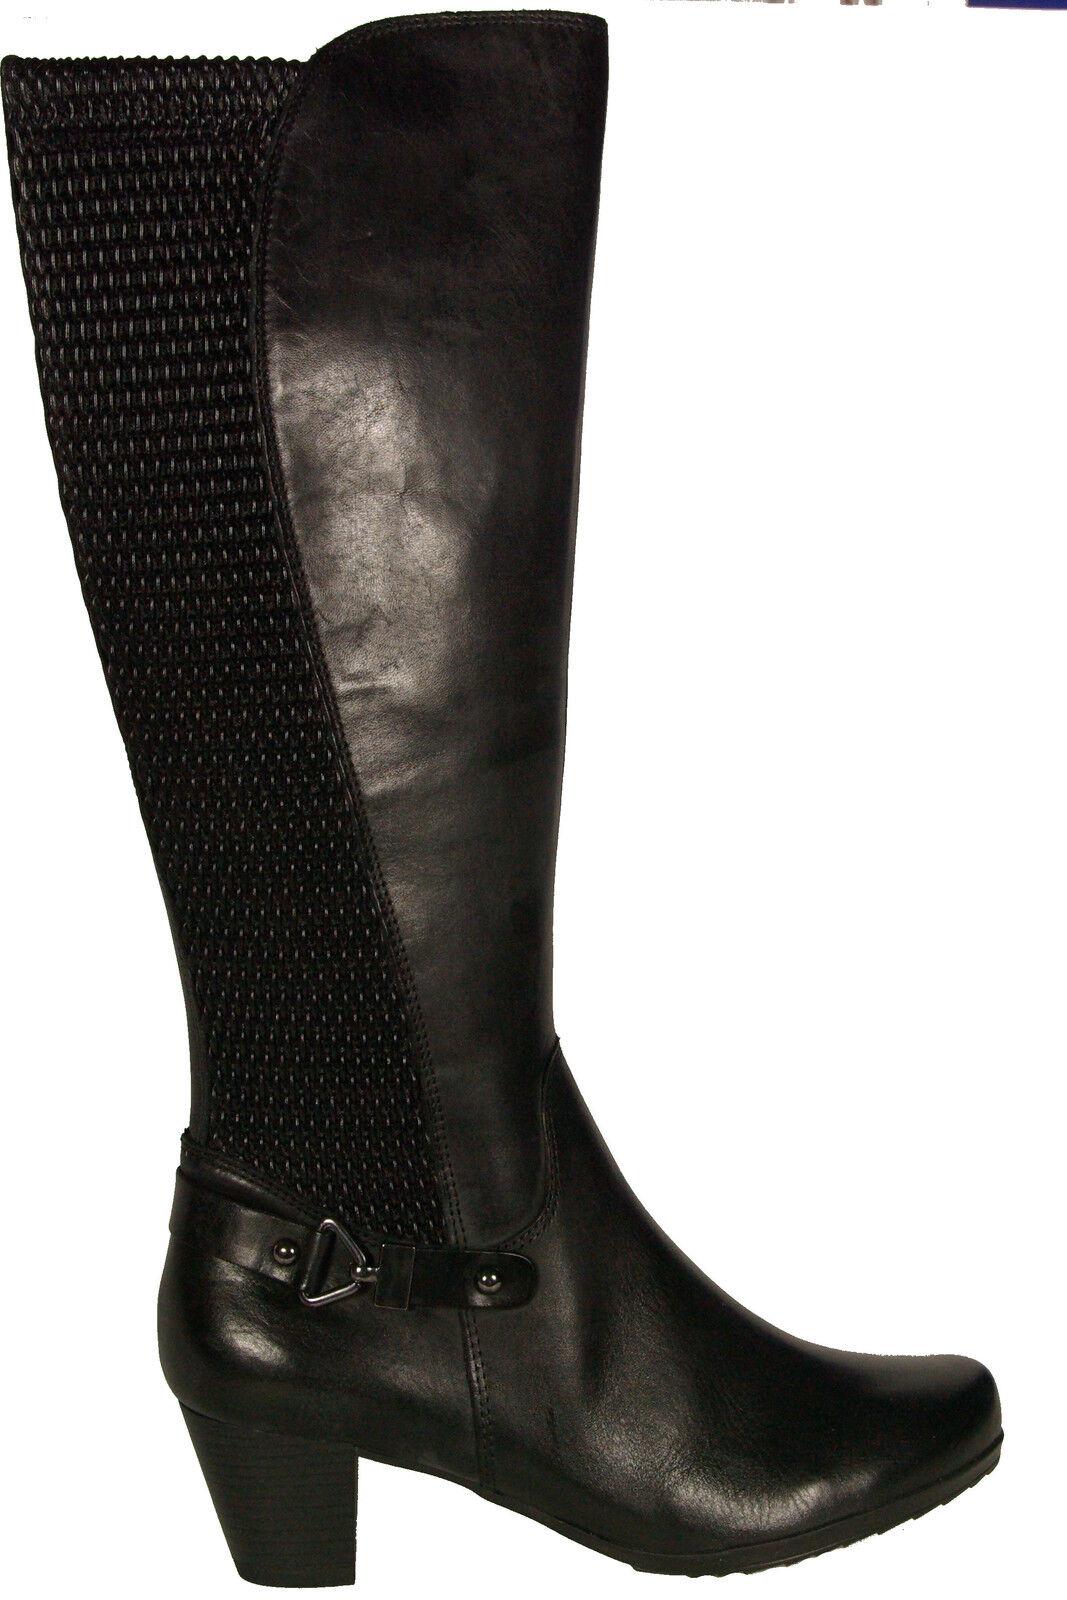 e2df2f572 Caprice zapatos botas City negro cuero genuino de vario nuevo bbf8bf ...